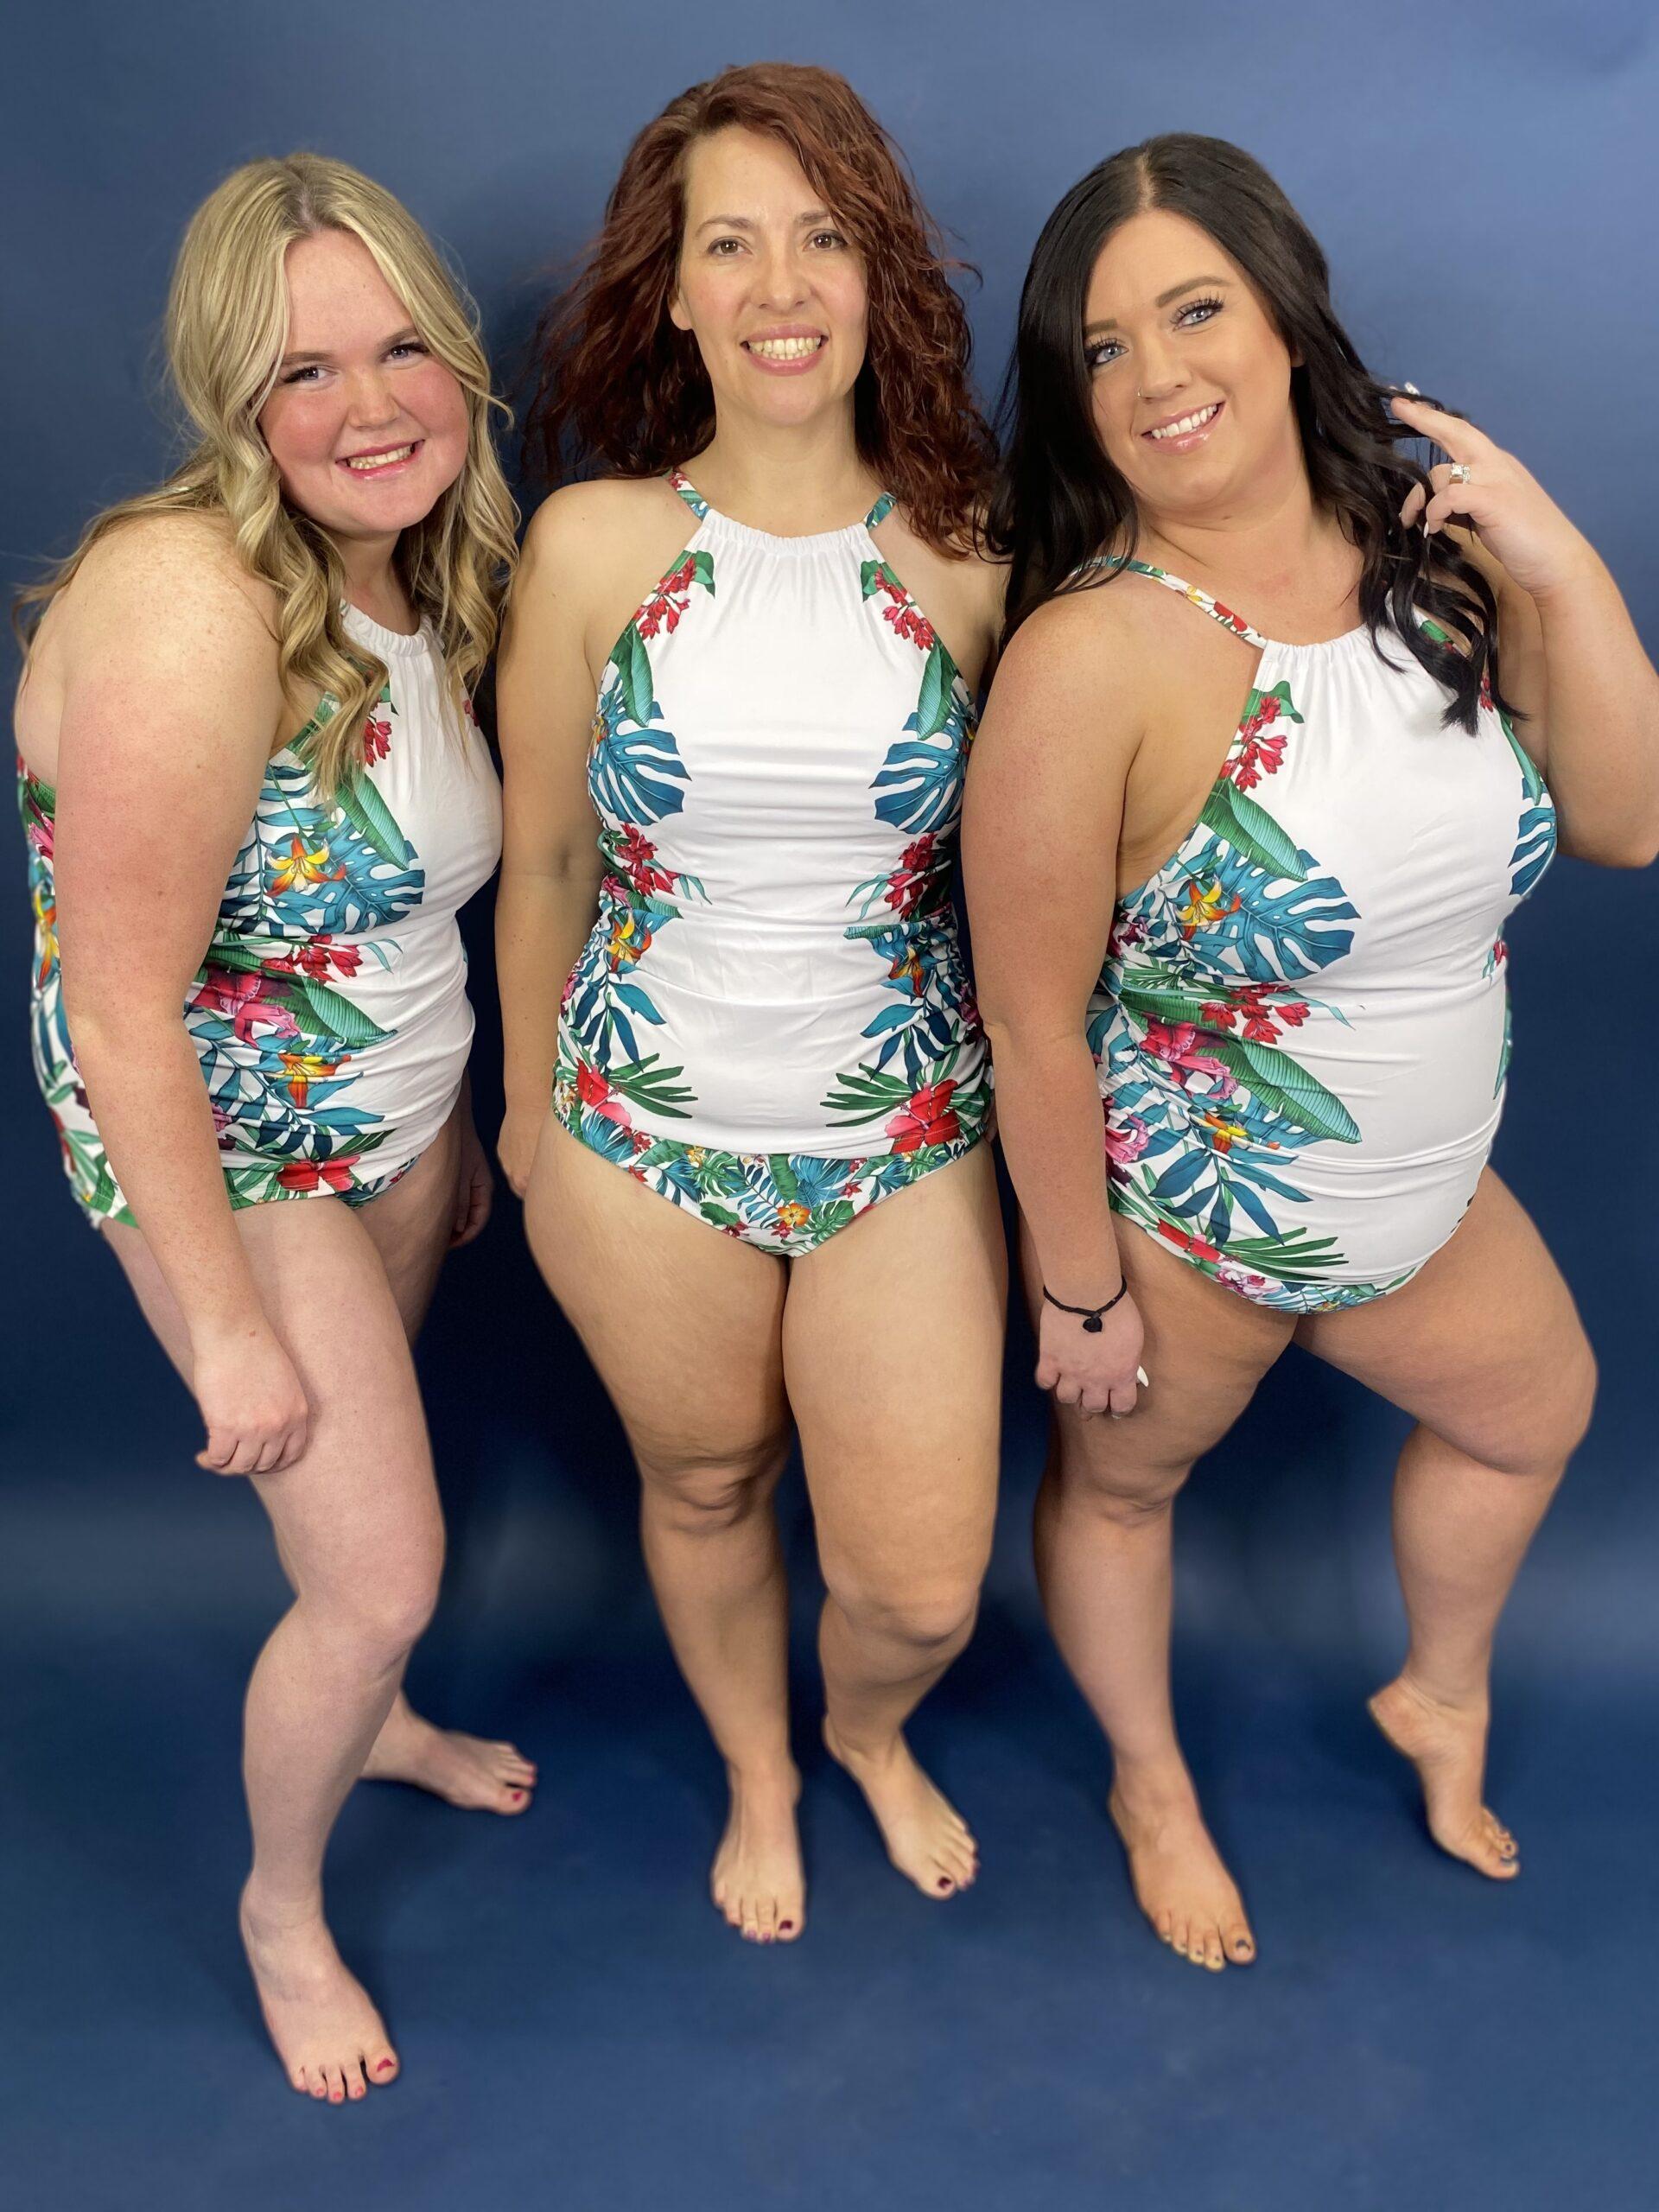 Wear The Damn Swimsuit